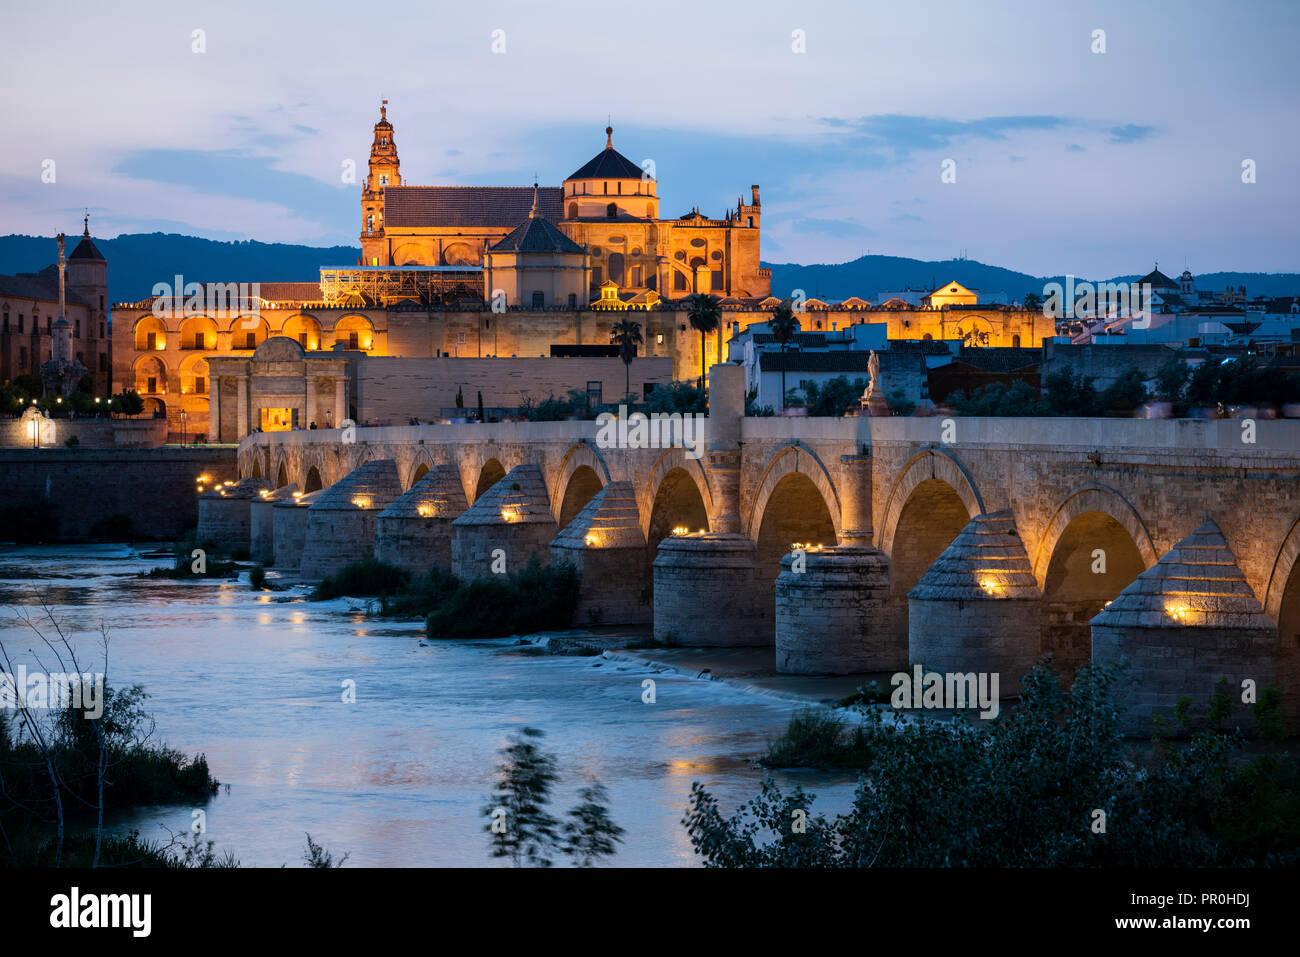 Die Kathedrale und die Große Moschee von Cordoba (Mezquita) und die Römische Brücke bei Dämmerung, UNESCO-Weltkulturerbe, Cordoba, Andalusien, Spanien, Europa Stockfoto